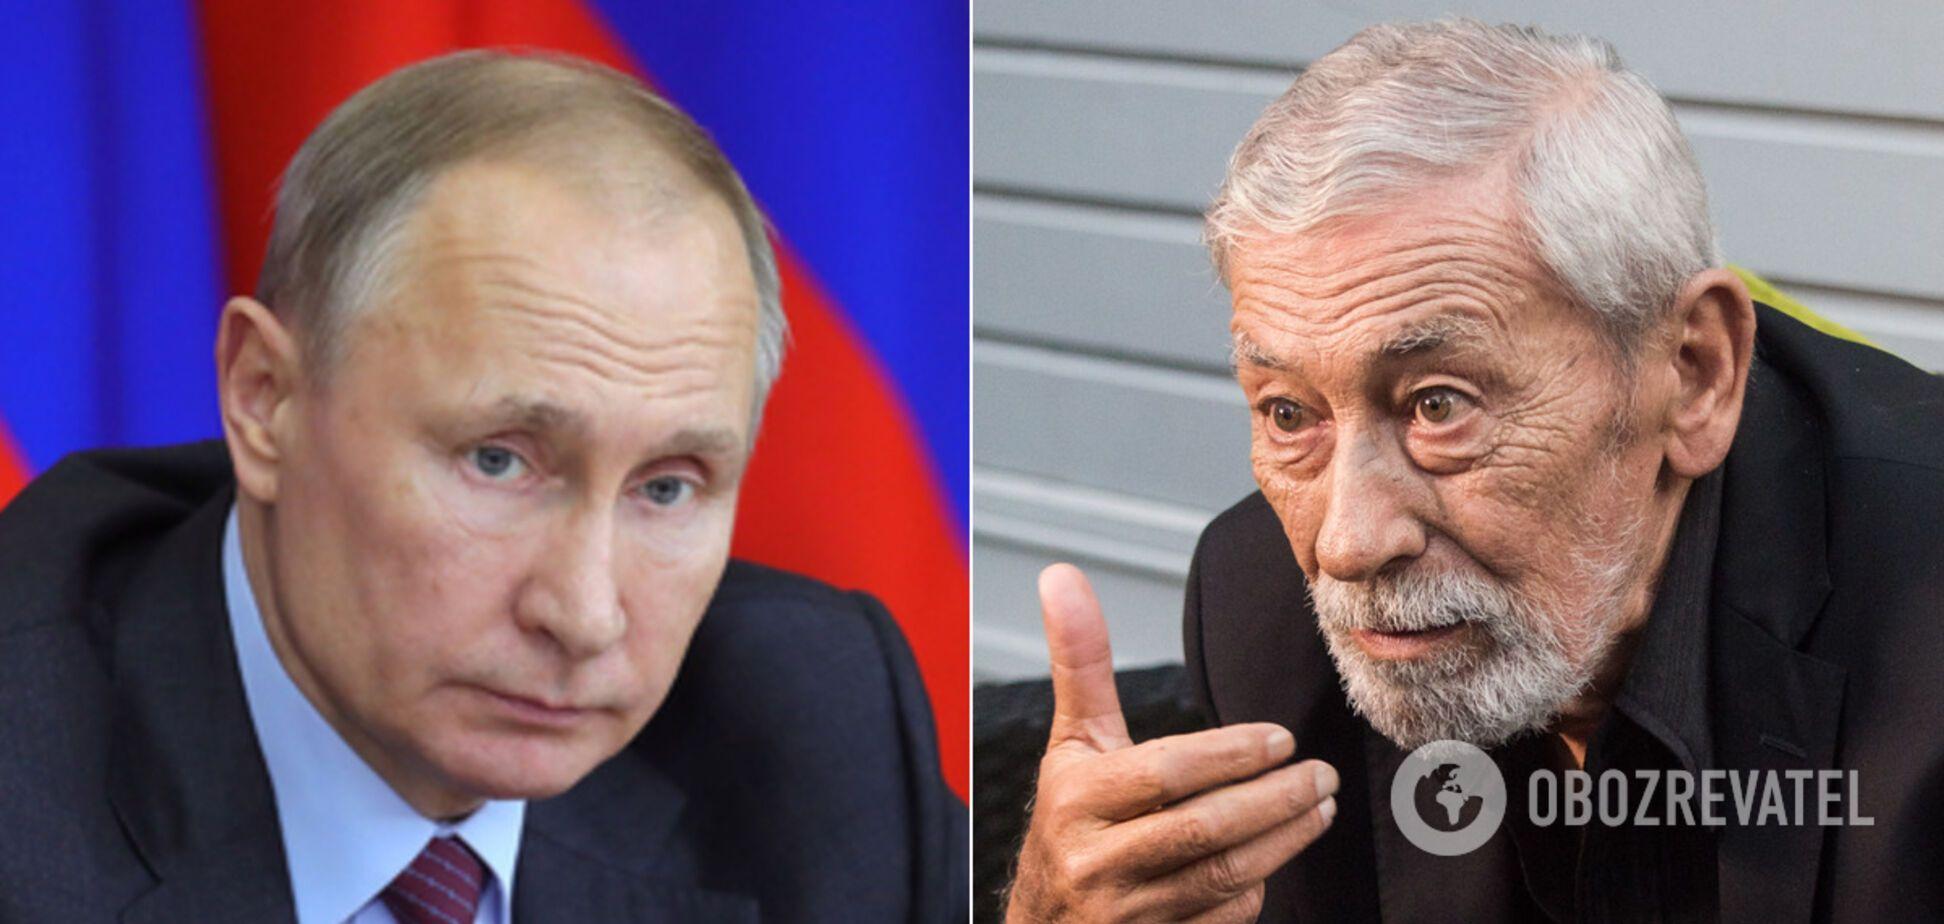 Кикабидзе о президентстве Путина: его время прошло, хватит играть в завоевателя!